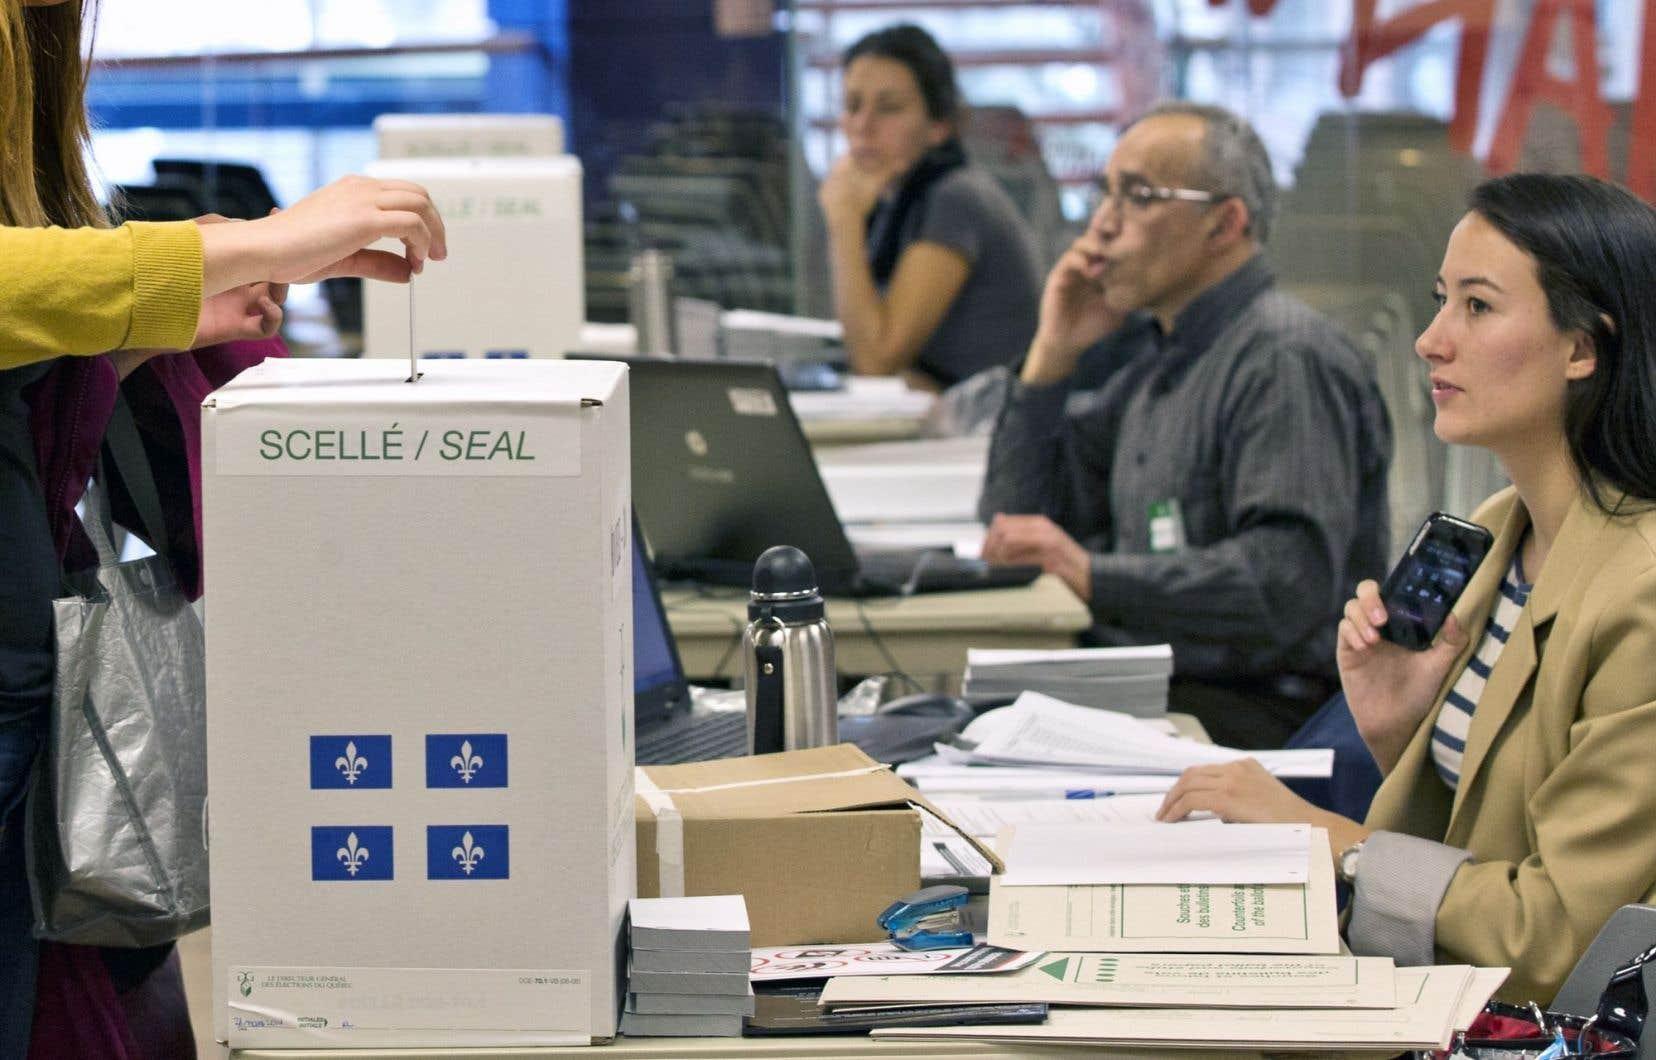 Le Parti québécois, la Coalition avenir Québec et Québec solidaire ont tour à tour pris position en faveur d'une réforme du mode de scrutin.